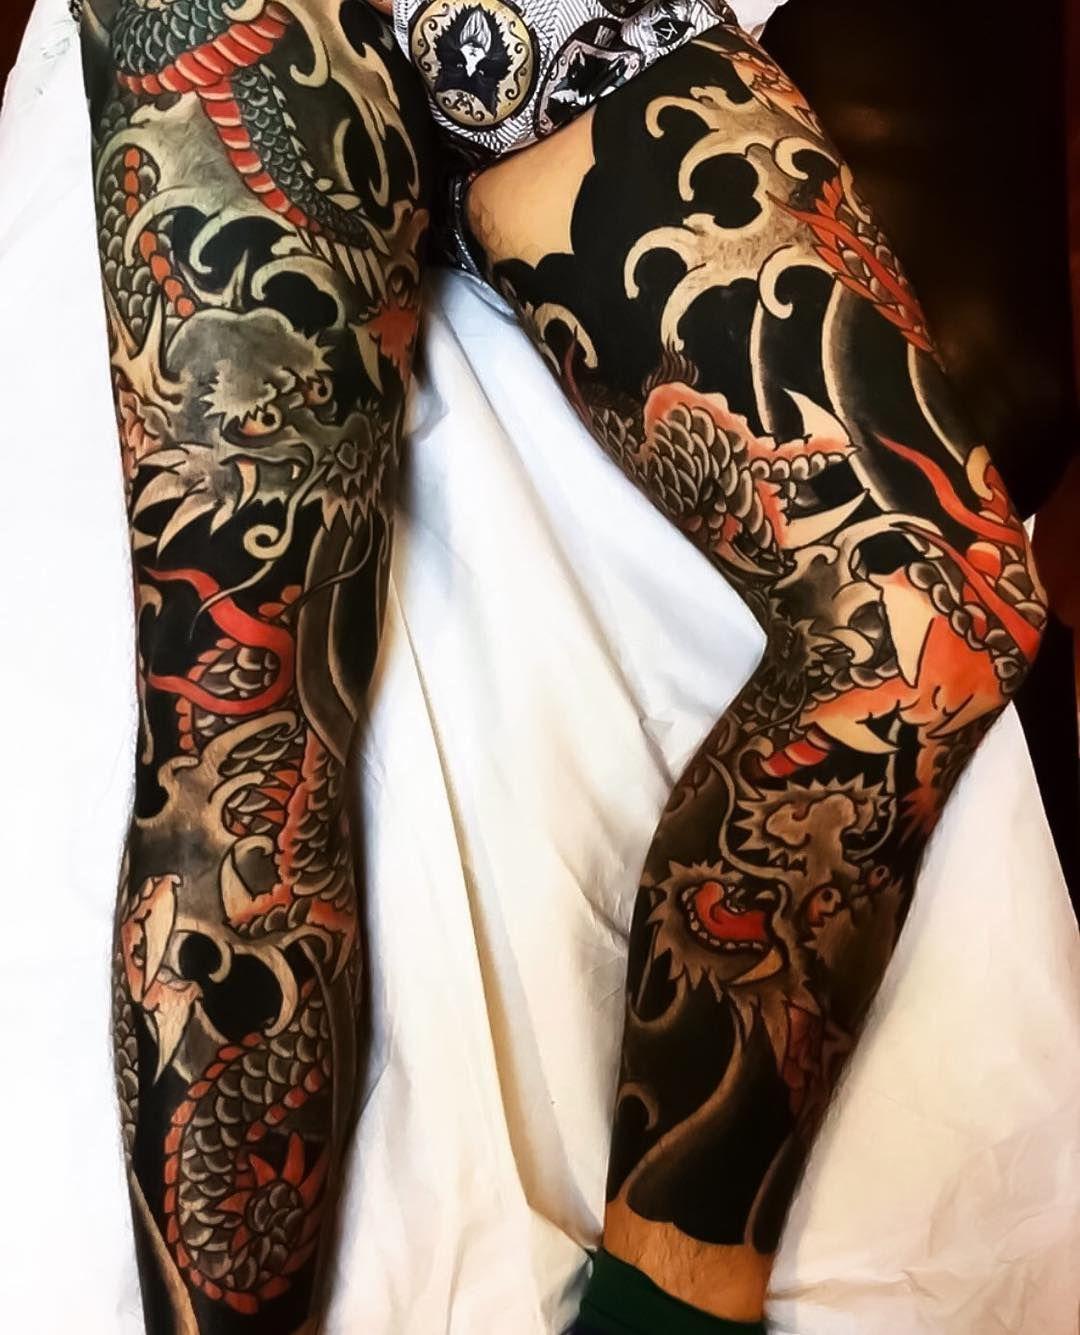 Japanese Ink On Instagram Japanese Leg Sleeves By Horihana Japaneseink Japanesetattoo Irezumi Te Japanese Tattoo Japanese Legs Japanese Tattoos For Men